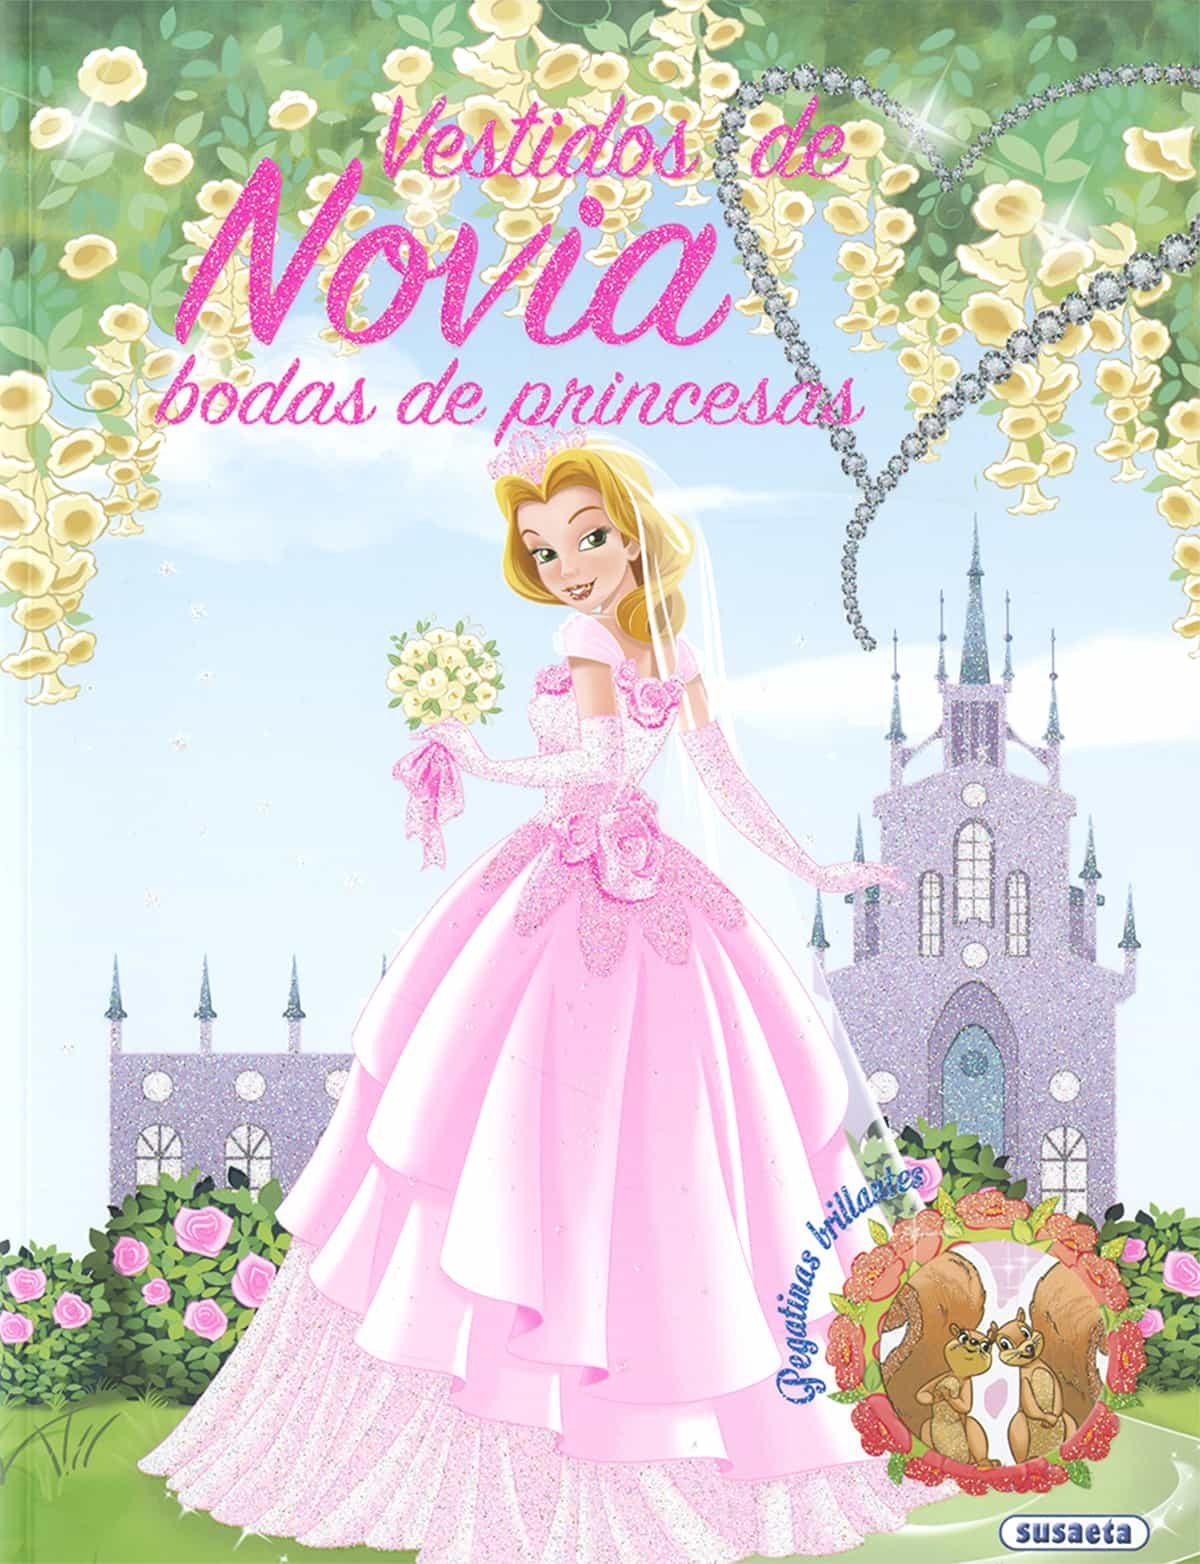 VESTIDOS DE NOVIA, BODAS DE PRINCESAS | VV.AA. | Comprar libro ...